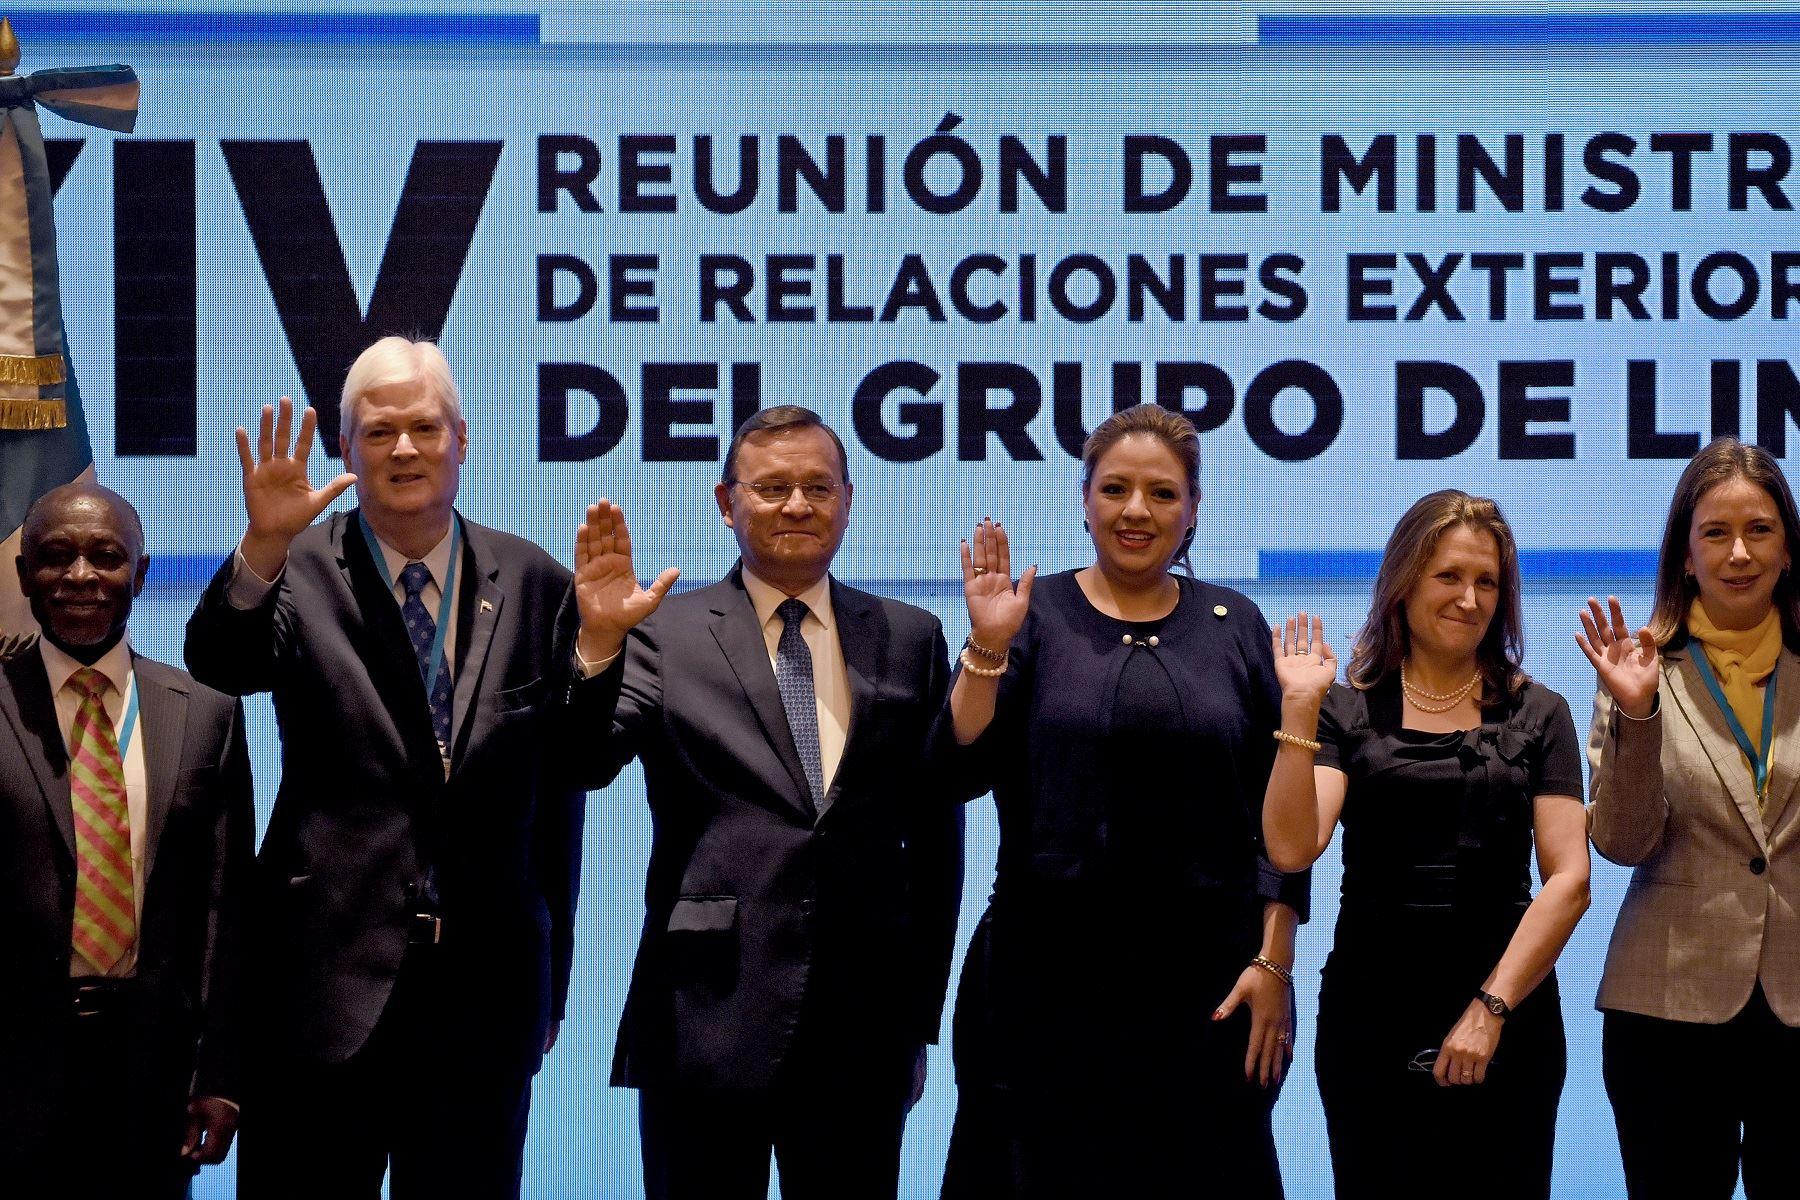 Reunión de ministros de Relaciones Exteriores del Grupo de Lima en Guatemala. Foto: AFP.